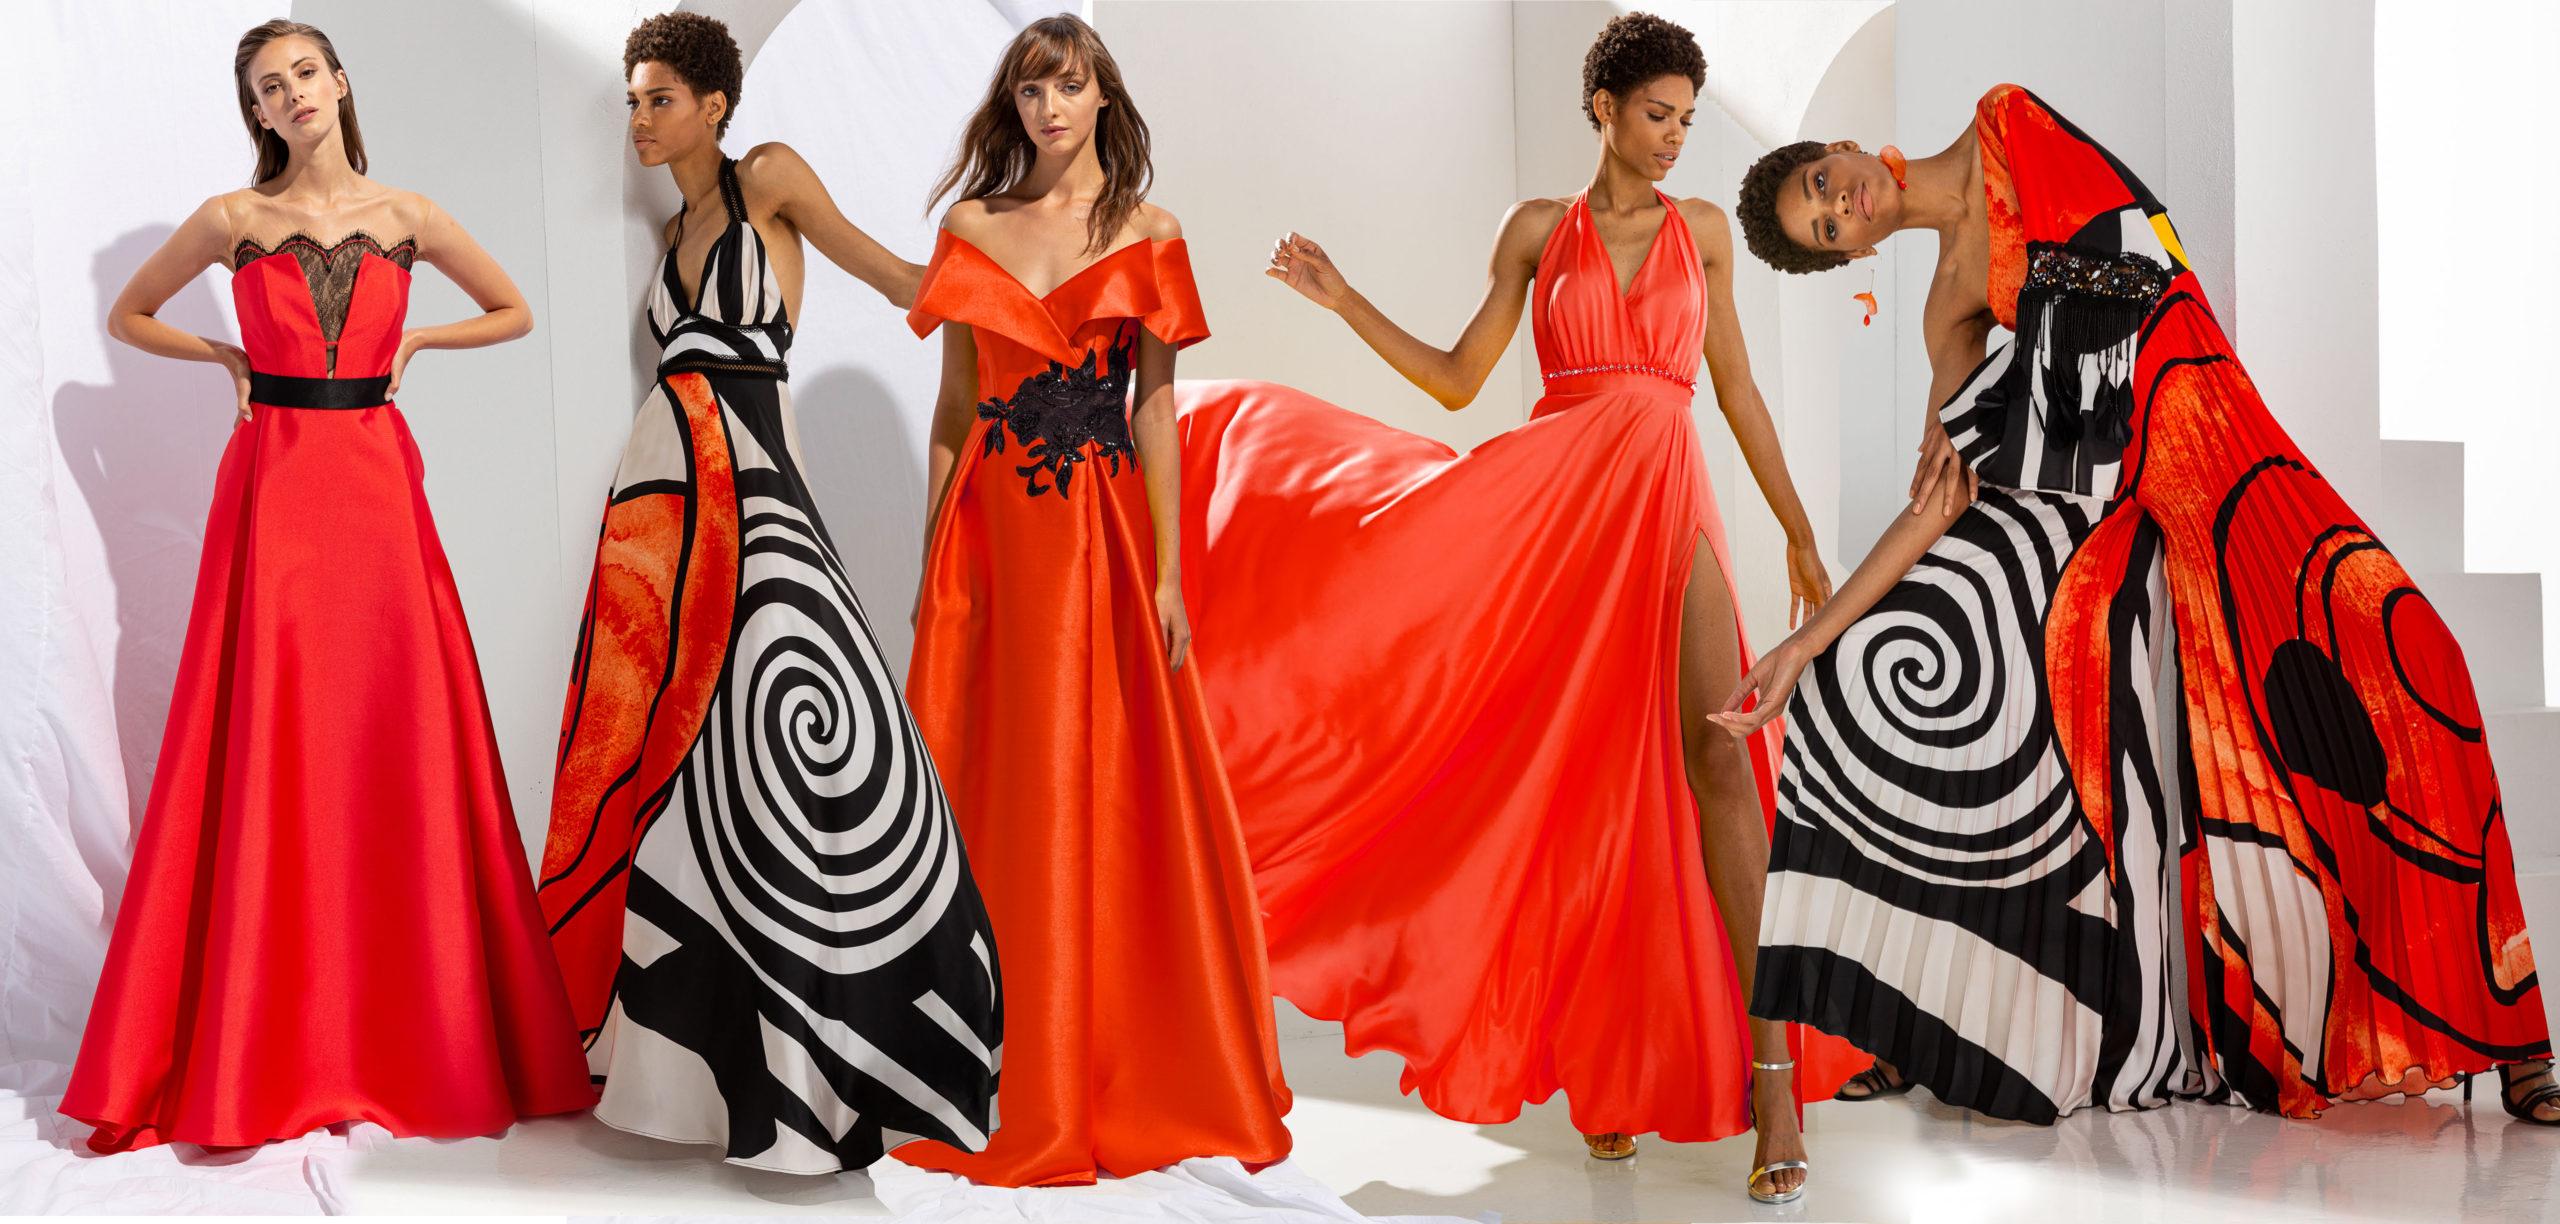 Tendenze moda 2020: il Rosso Buzzitta Stile